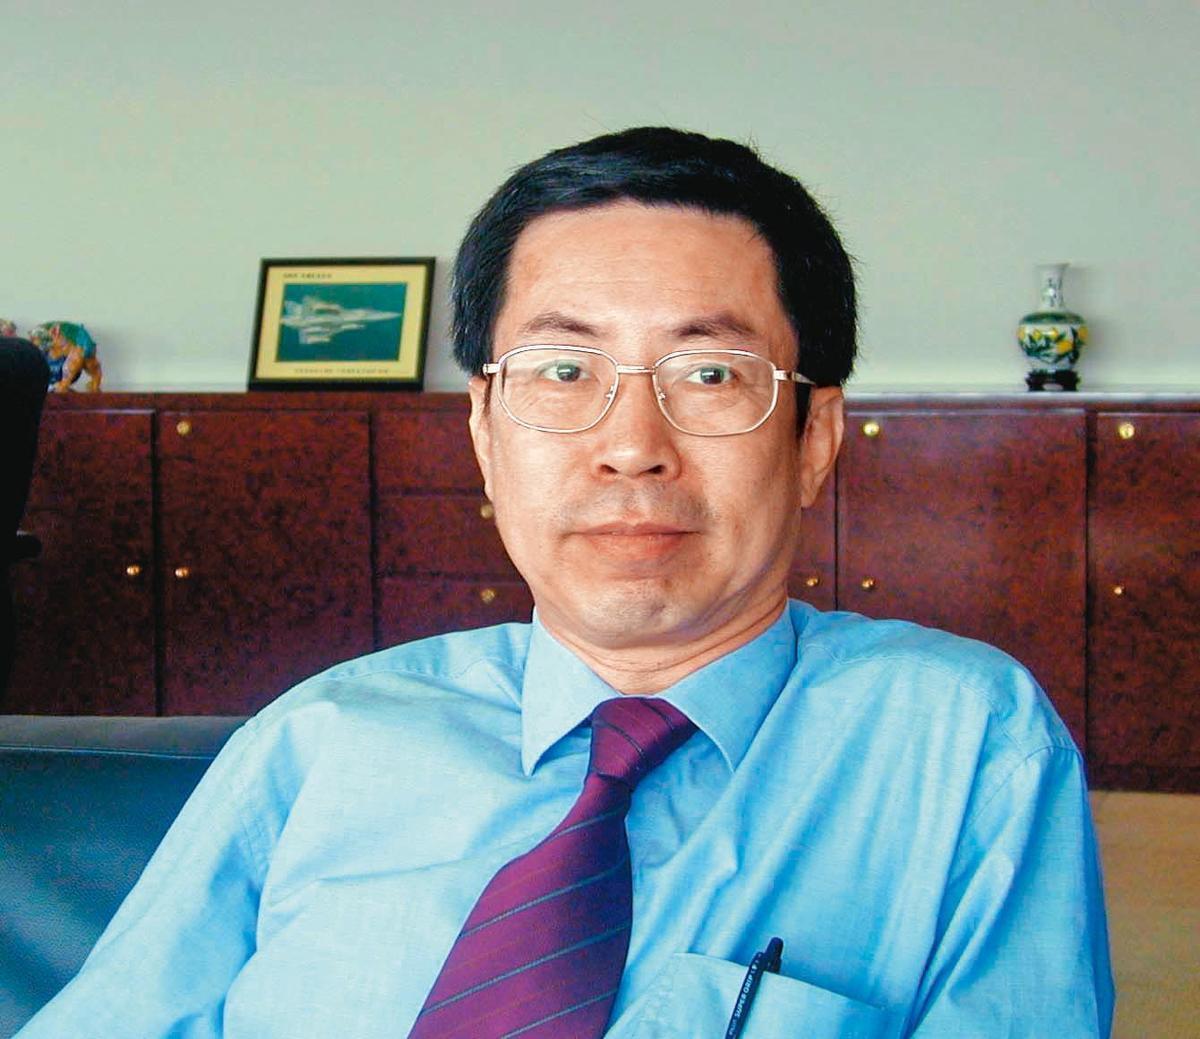 紡織業富商翁茂鍾(圖)與逾200司法官及官員互利共生,影響司法公信力。(聯合知識庫)